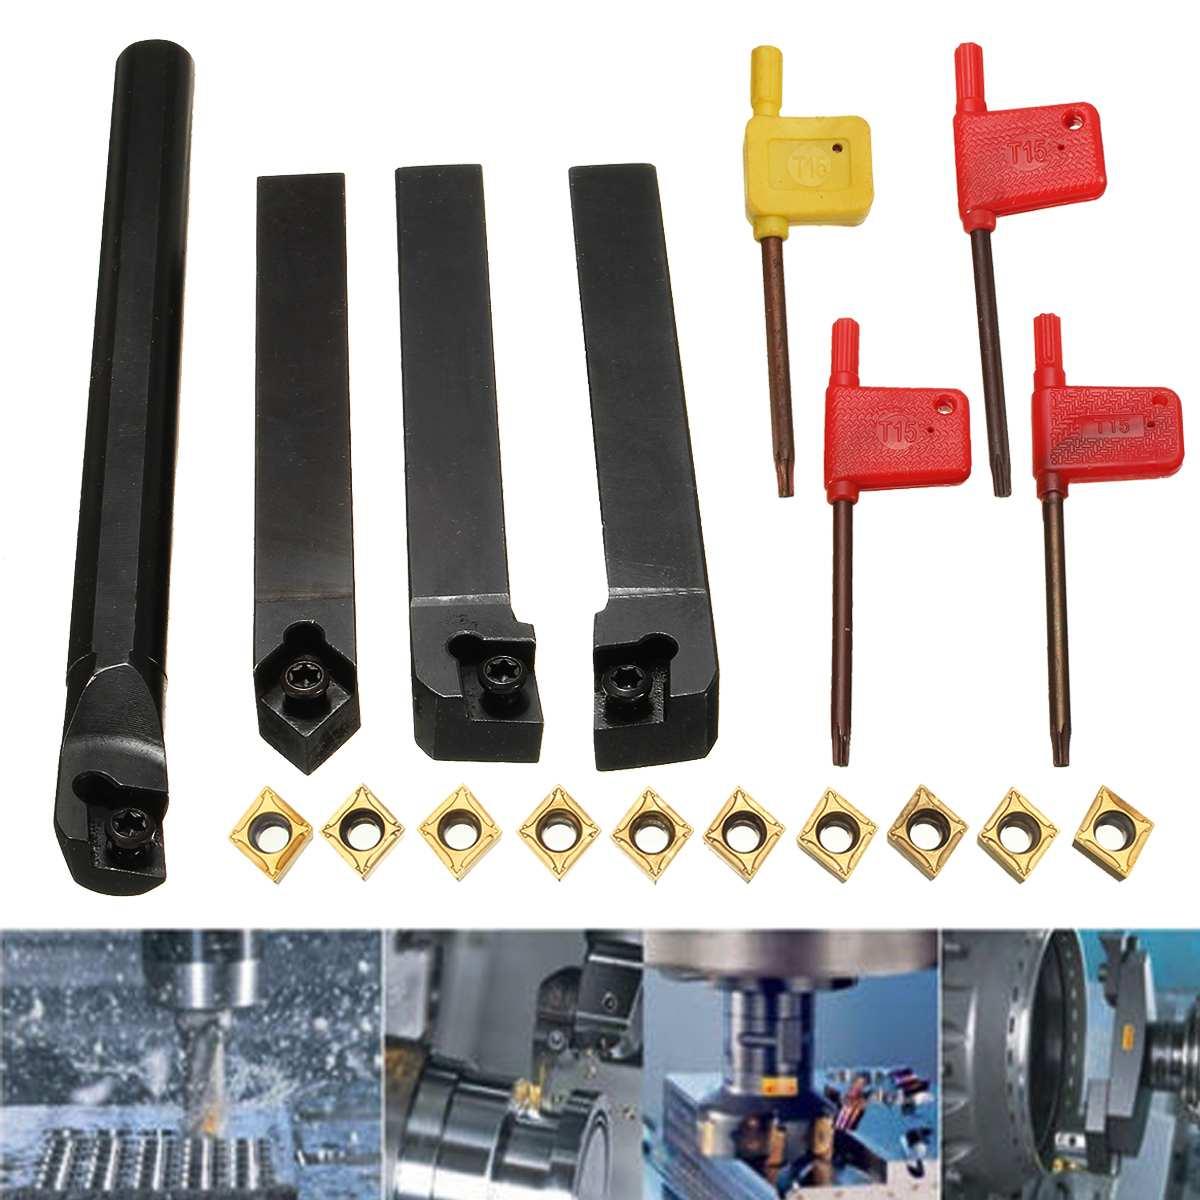 10pcs CCMT09T304 Carbide Insert+4pcs Lathe Turning Tool Holder Set+4pcs Wrench For Lathe Turning Tool Machine Tool